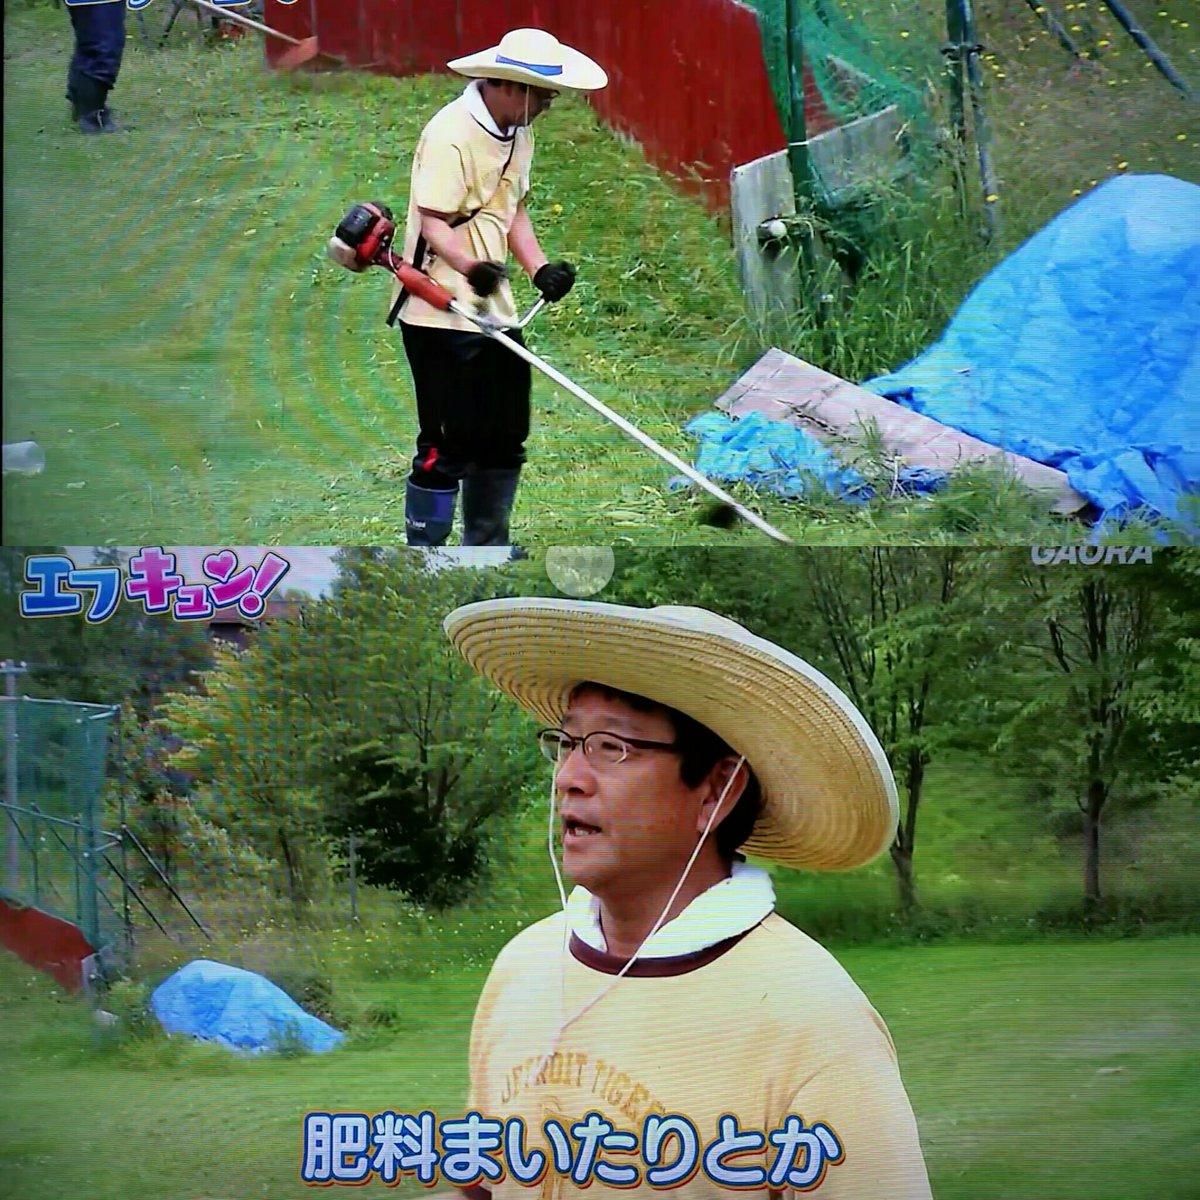 注・農家のおっさんではありません。日本プロ野球最高栄誉の賞、正力松太郎賞の2016年度受賞者です。